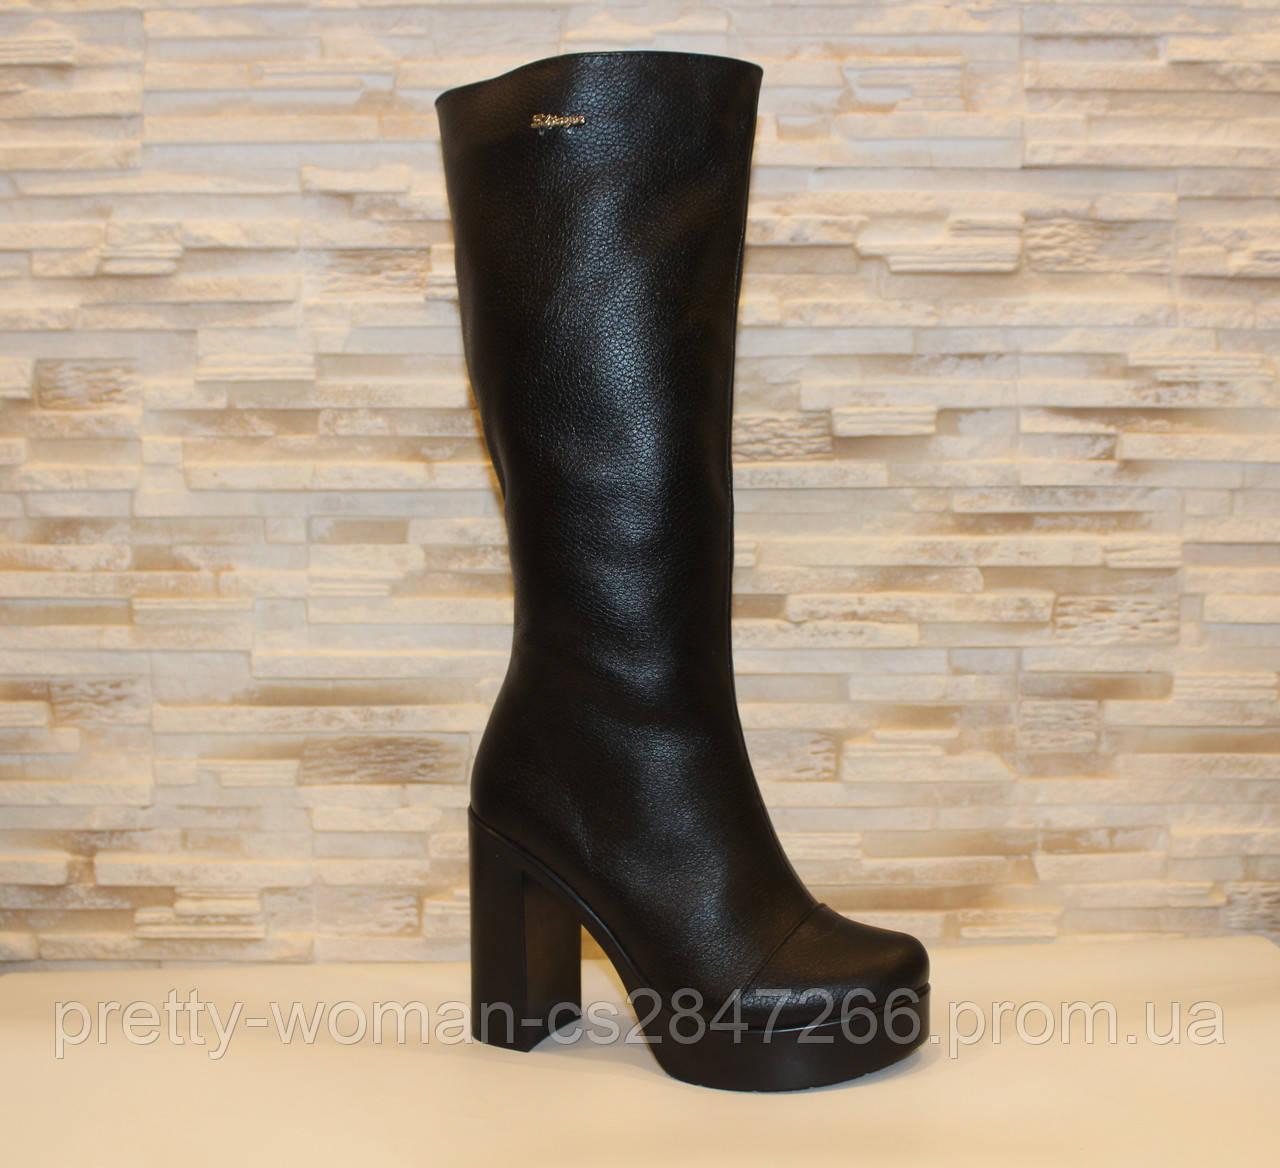 Сапоги женские черные на каблуке натуральная кожа Д675